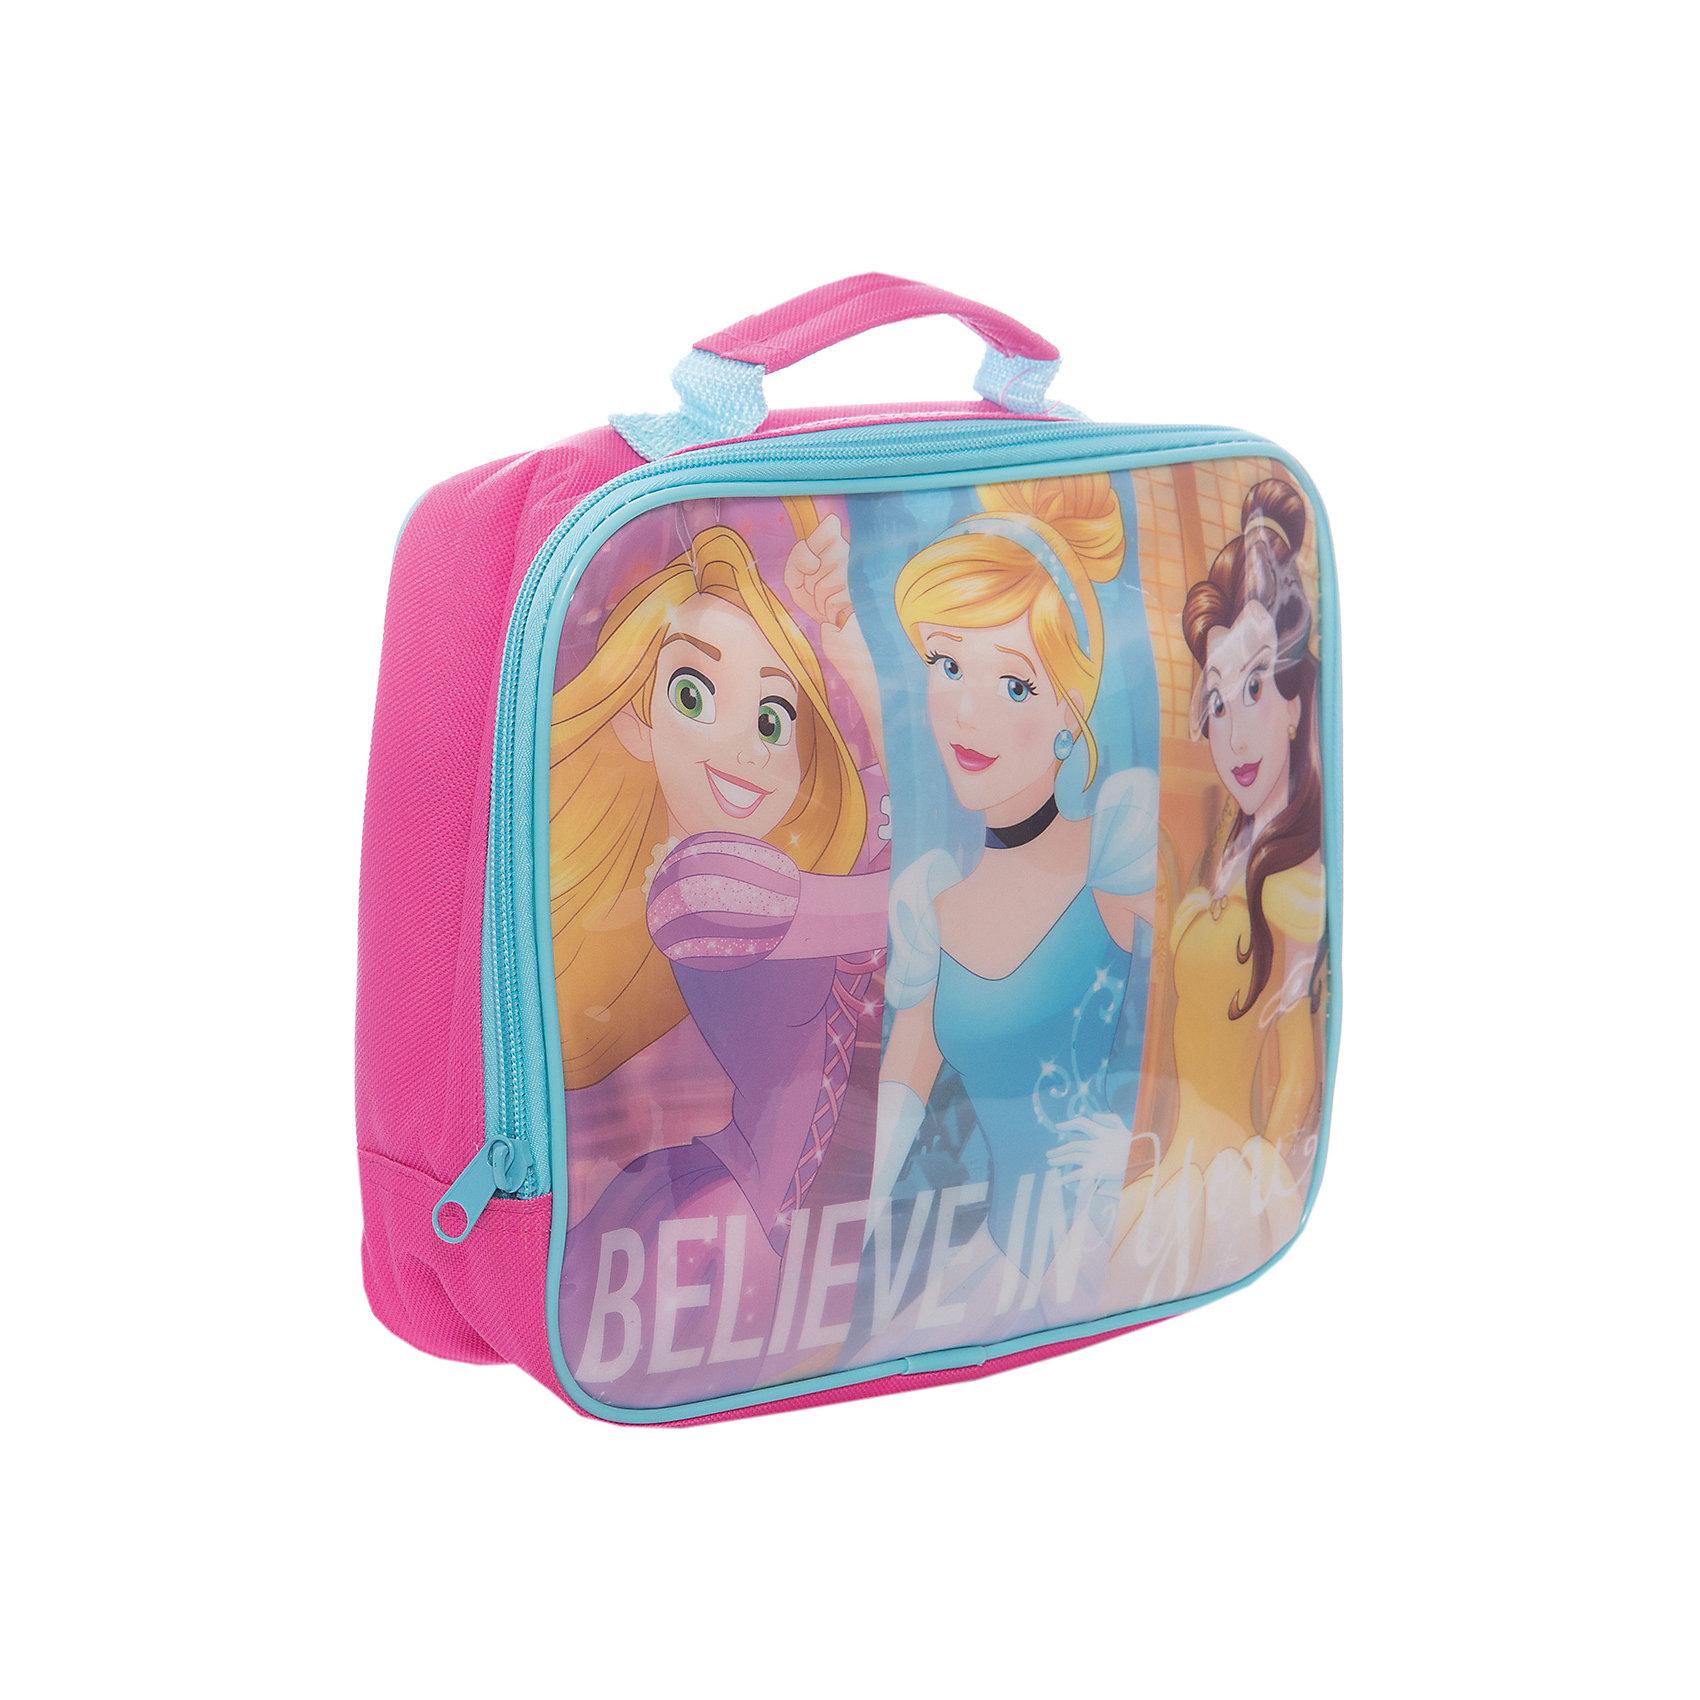 Сумка для контейнера изолированная, Принцессы DisneyПосуда для малышей<br>Характеристики:<br><br>• возраст: от 3 лет;<br>• объем: 500 мл;<br>• дополнительные опции: замок-молния;<br>• материал: текстиль;<br>• размер: 25х20х7,3 см;<br>• вес: 17 г.<br>   <br>Сумка предназначена для удобного хранения и переноски ланч-боксов. <br><br>Красочная текстильная сумка с изображением любимых детских героев подойдет для школьных обедов. Дети легко смогут открыть замок-молнию, чтобы достать контейнер с едой. Сбоку вшита специальная ручка для переноски.<br><br>Ланч-бокс будет плотно упакован и защищен от повреждения. Сумку можно использовать в качестве подставки под контейнер.<br><br>Сумка для контейнера изолированная, Принцессы Disney, Stor можно приобрести в нашем интернет-магазине.<br><br>Ширина мм: 250<br>Глубина мм: 73<br>Высота мм: 200<br>Вес г: 167<br>Возраст от месяцев: 36<br>Возраст до месяцев: 2147483647<br>Пол: Унисекс<br>Возраст: Детский<br>SKU: 7010354